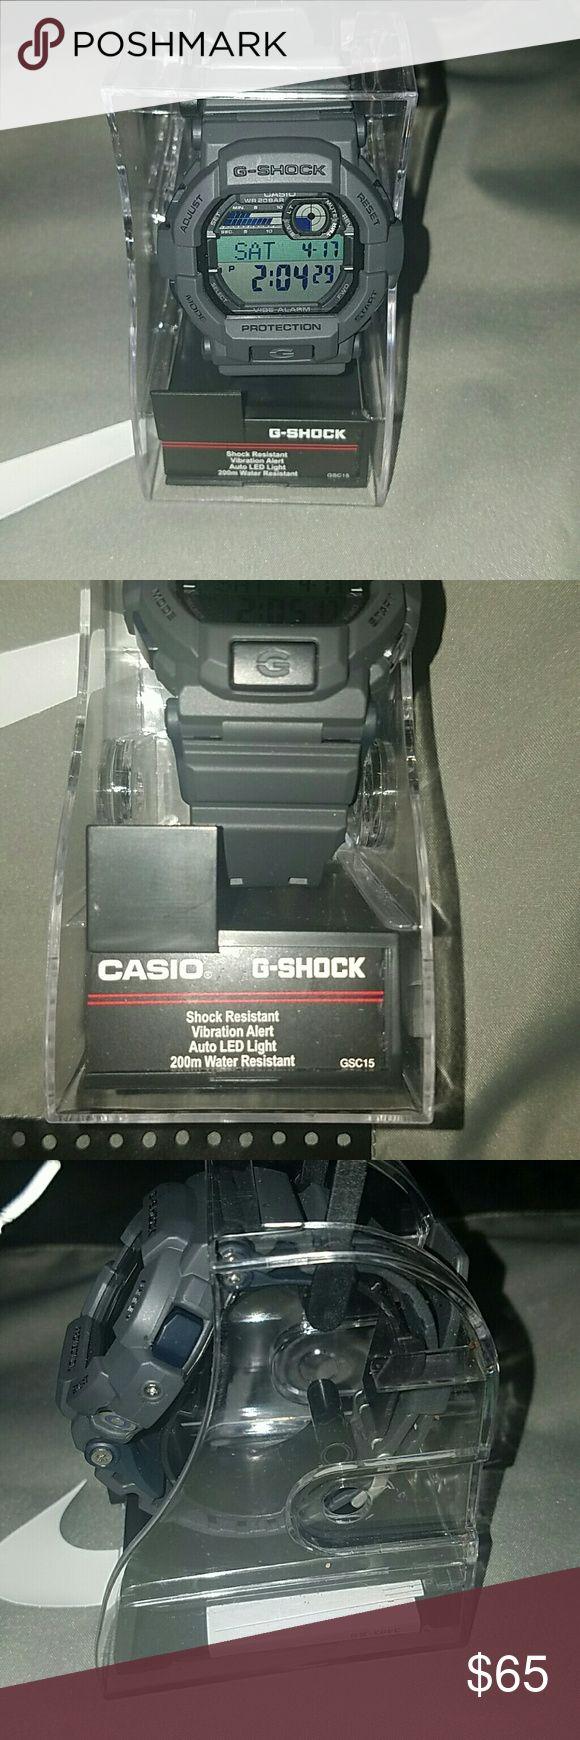 Nice New G-Shock Watch Nice New G-Shock Watch G-Shock Accessories Watches